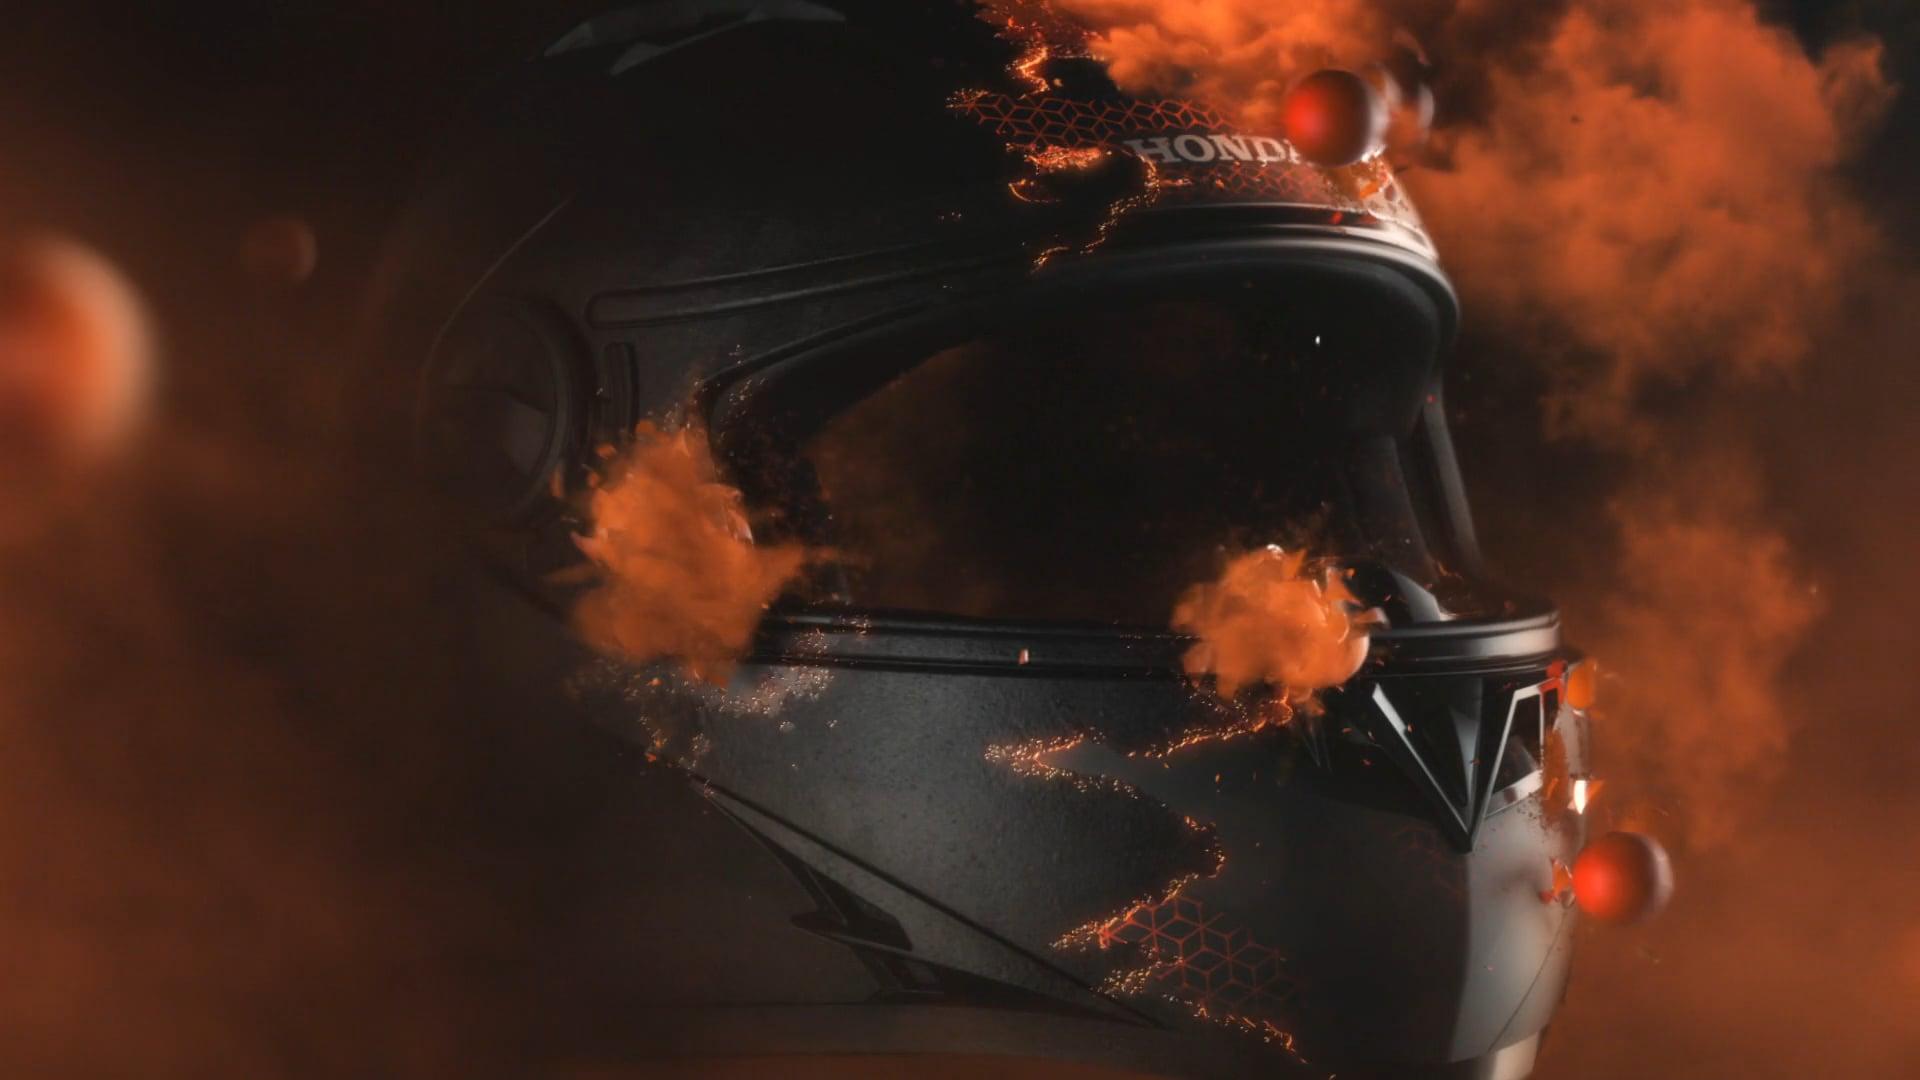 Honda Helmets - VFX Breakdown